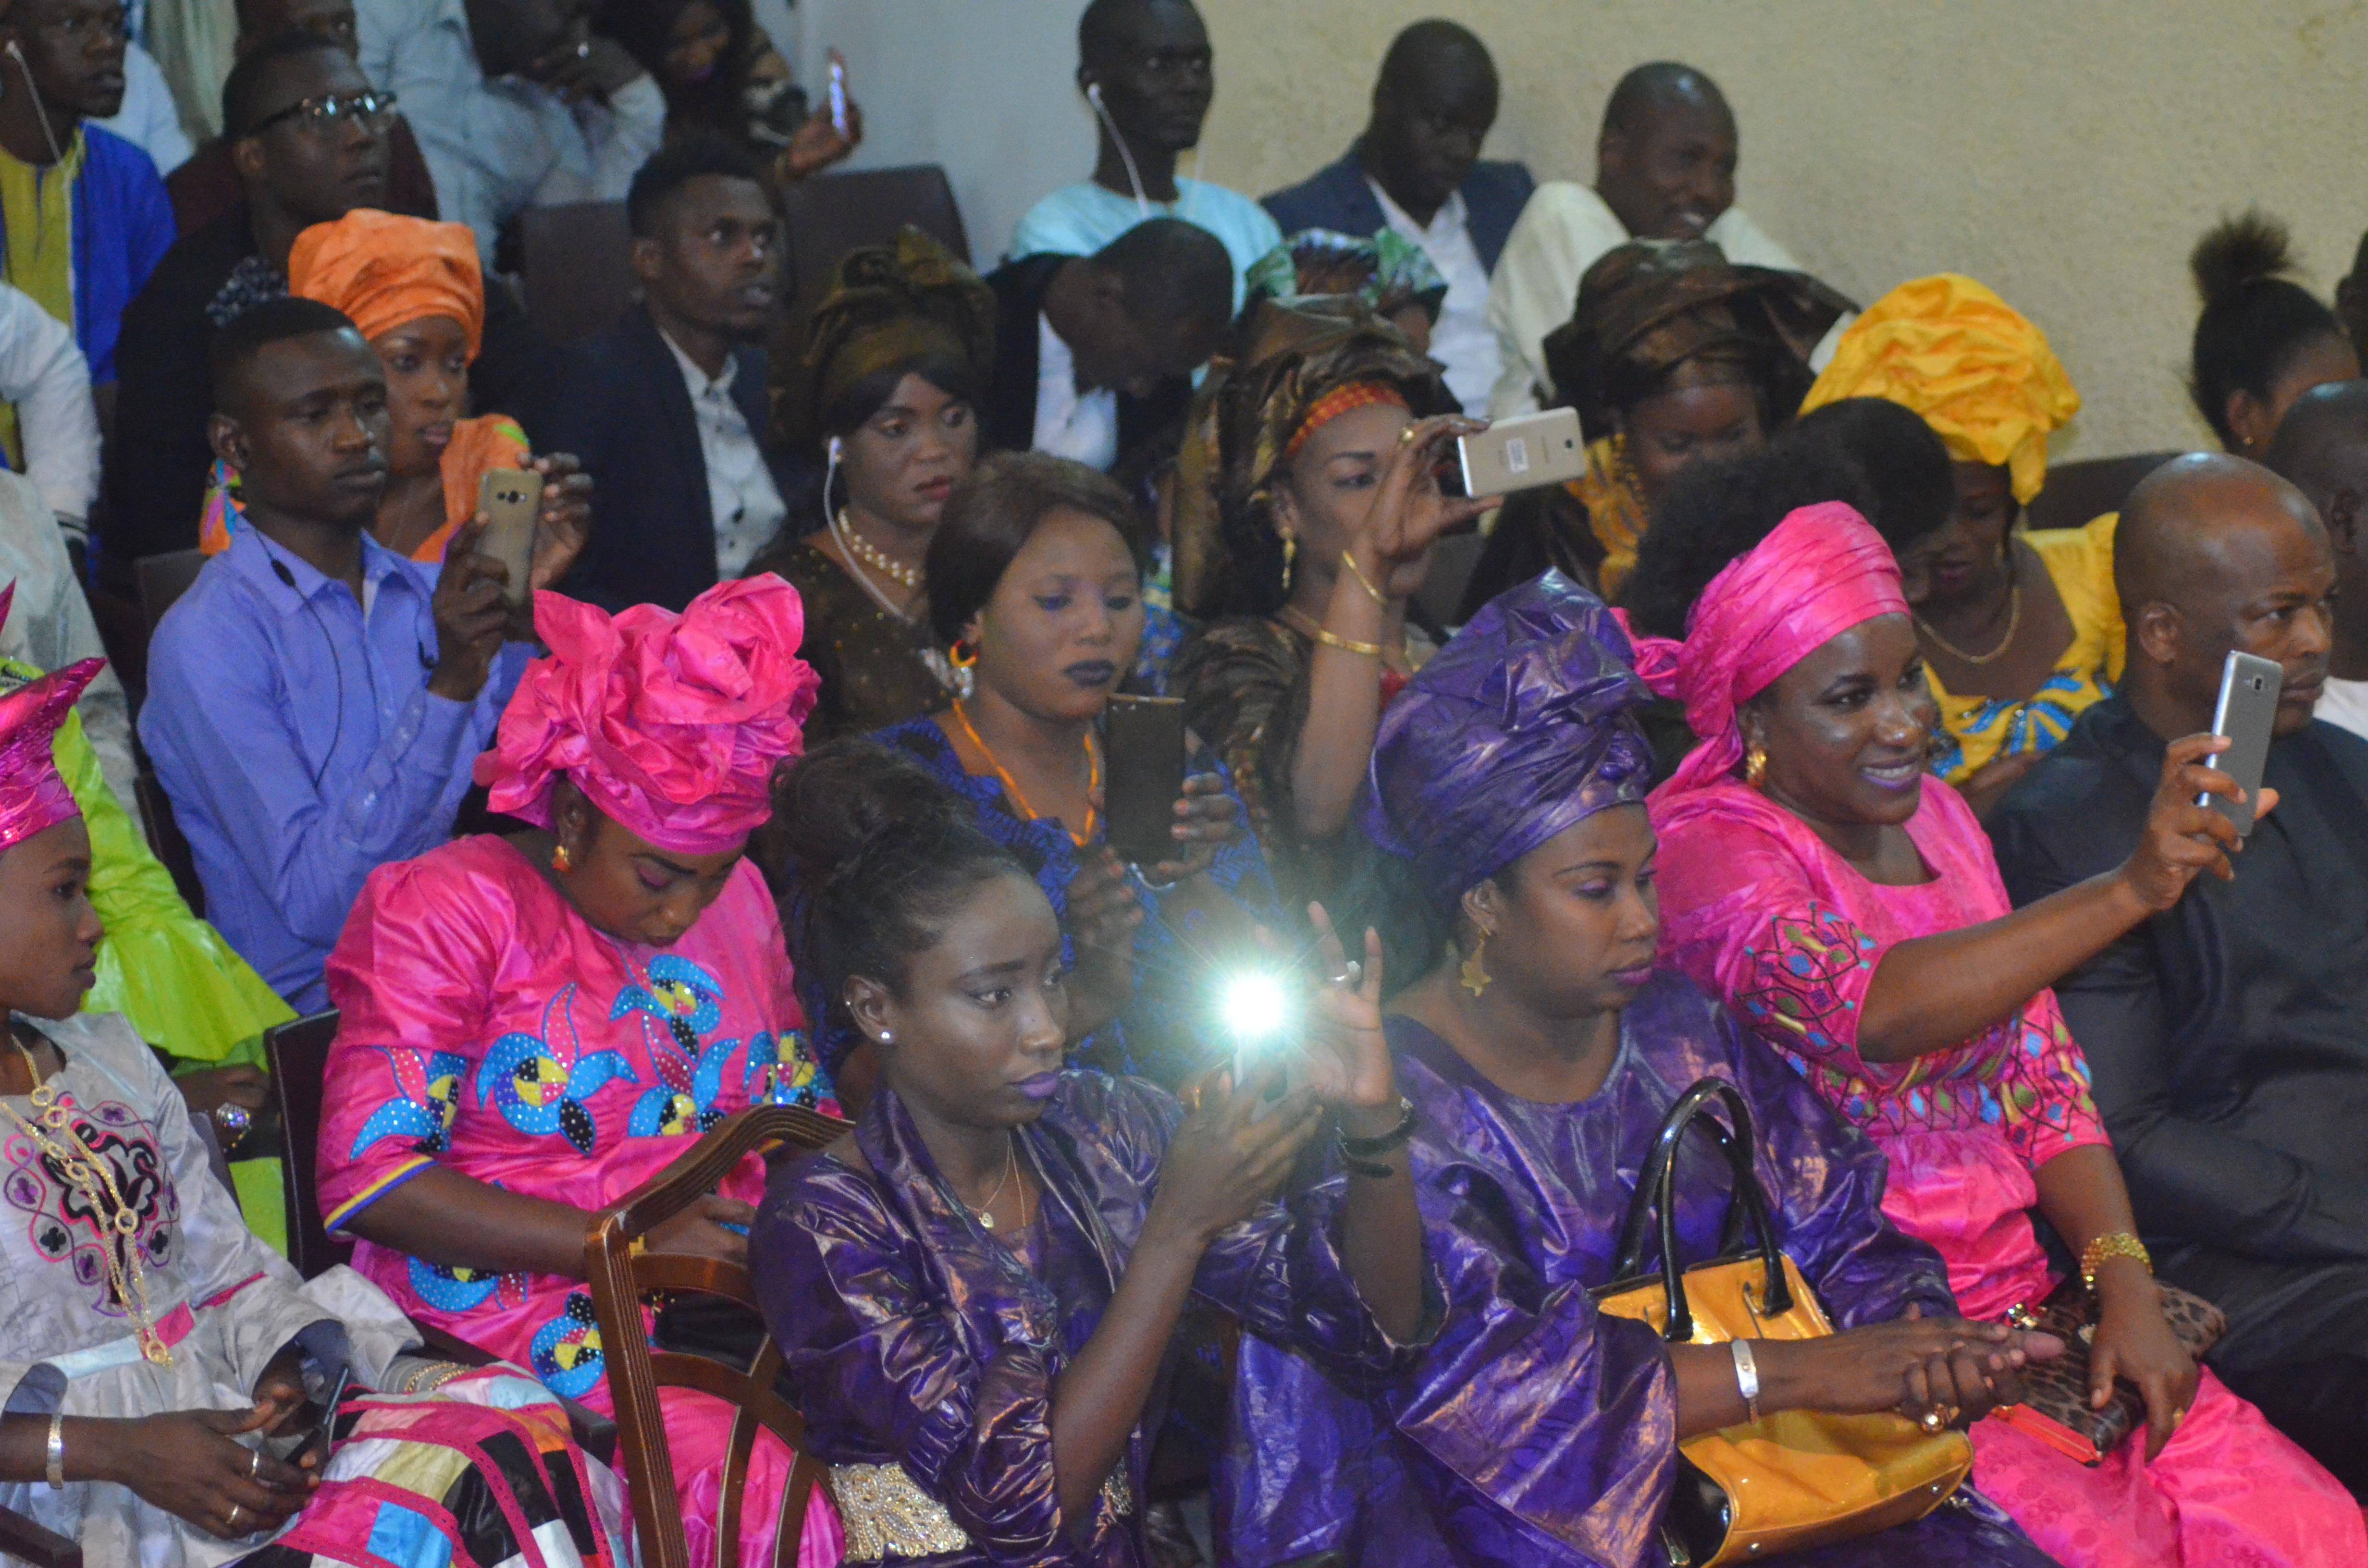 Première Edition soirée culturelle de l'Association Boyinadji Ma fierté de Bokidiawé, le parrain Bocar Abdoulaye Ly appelle à l'union des cœurs (20)